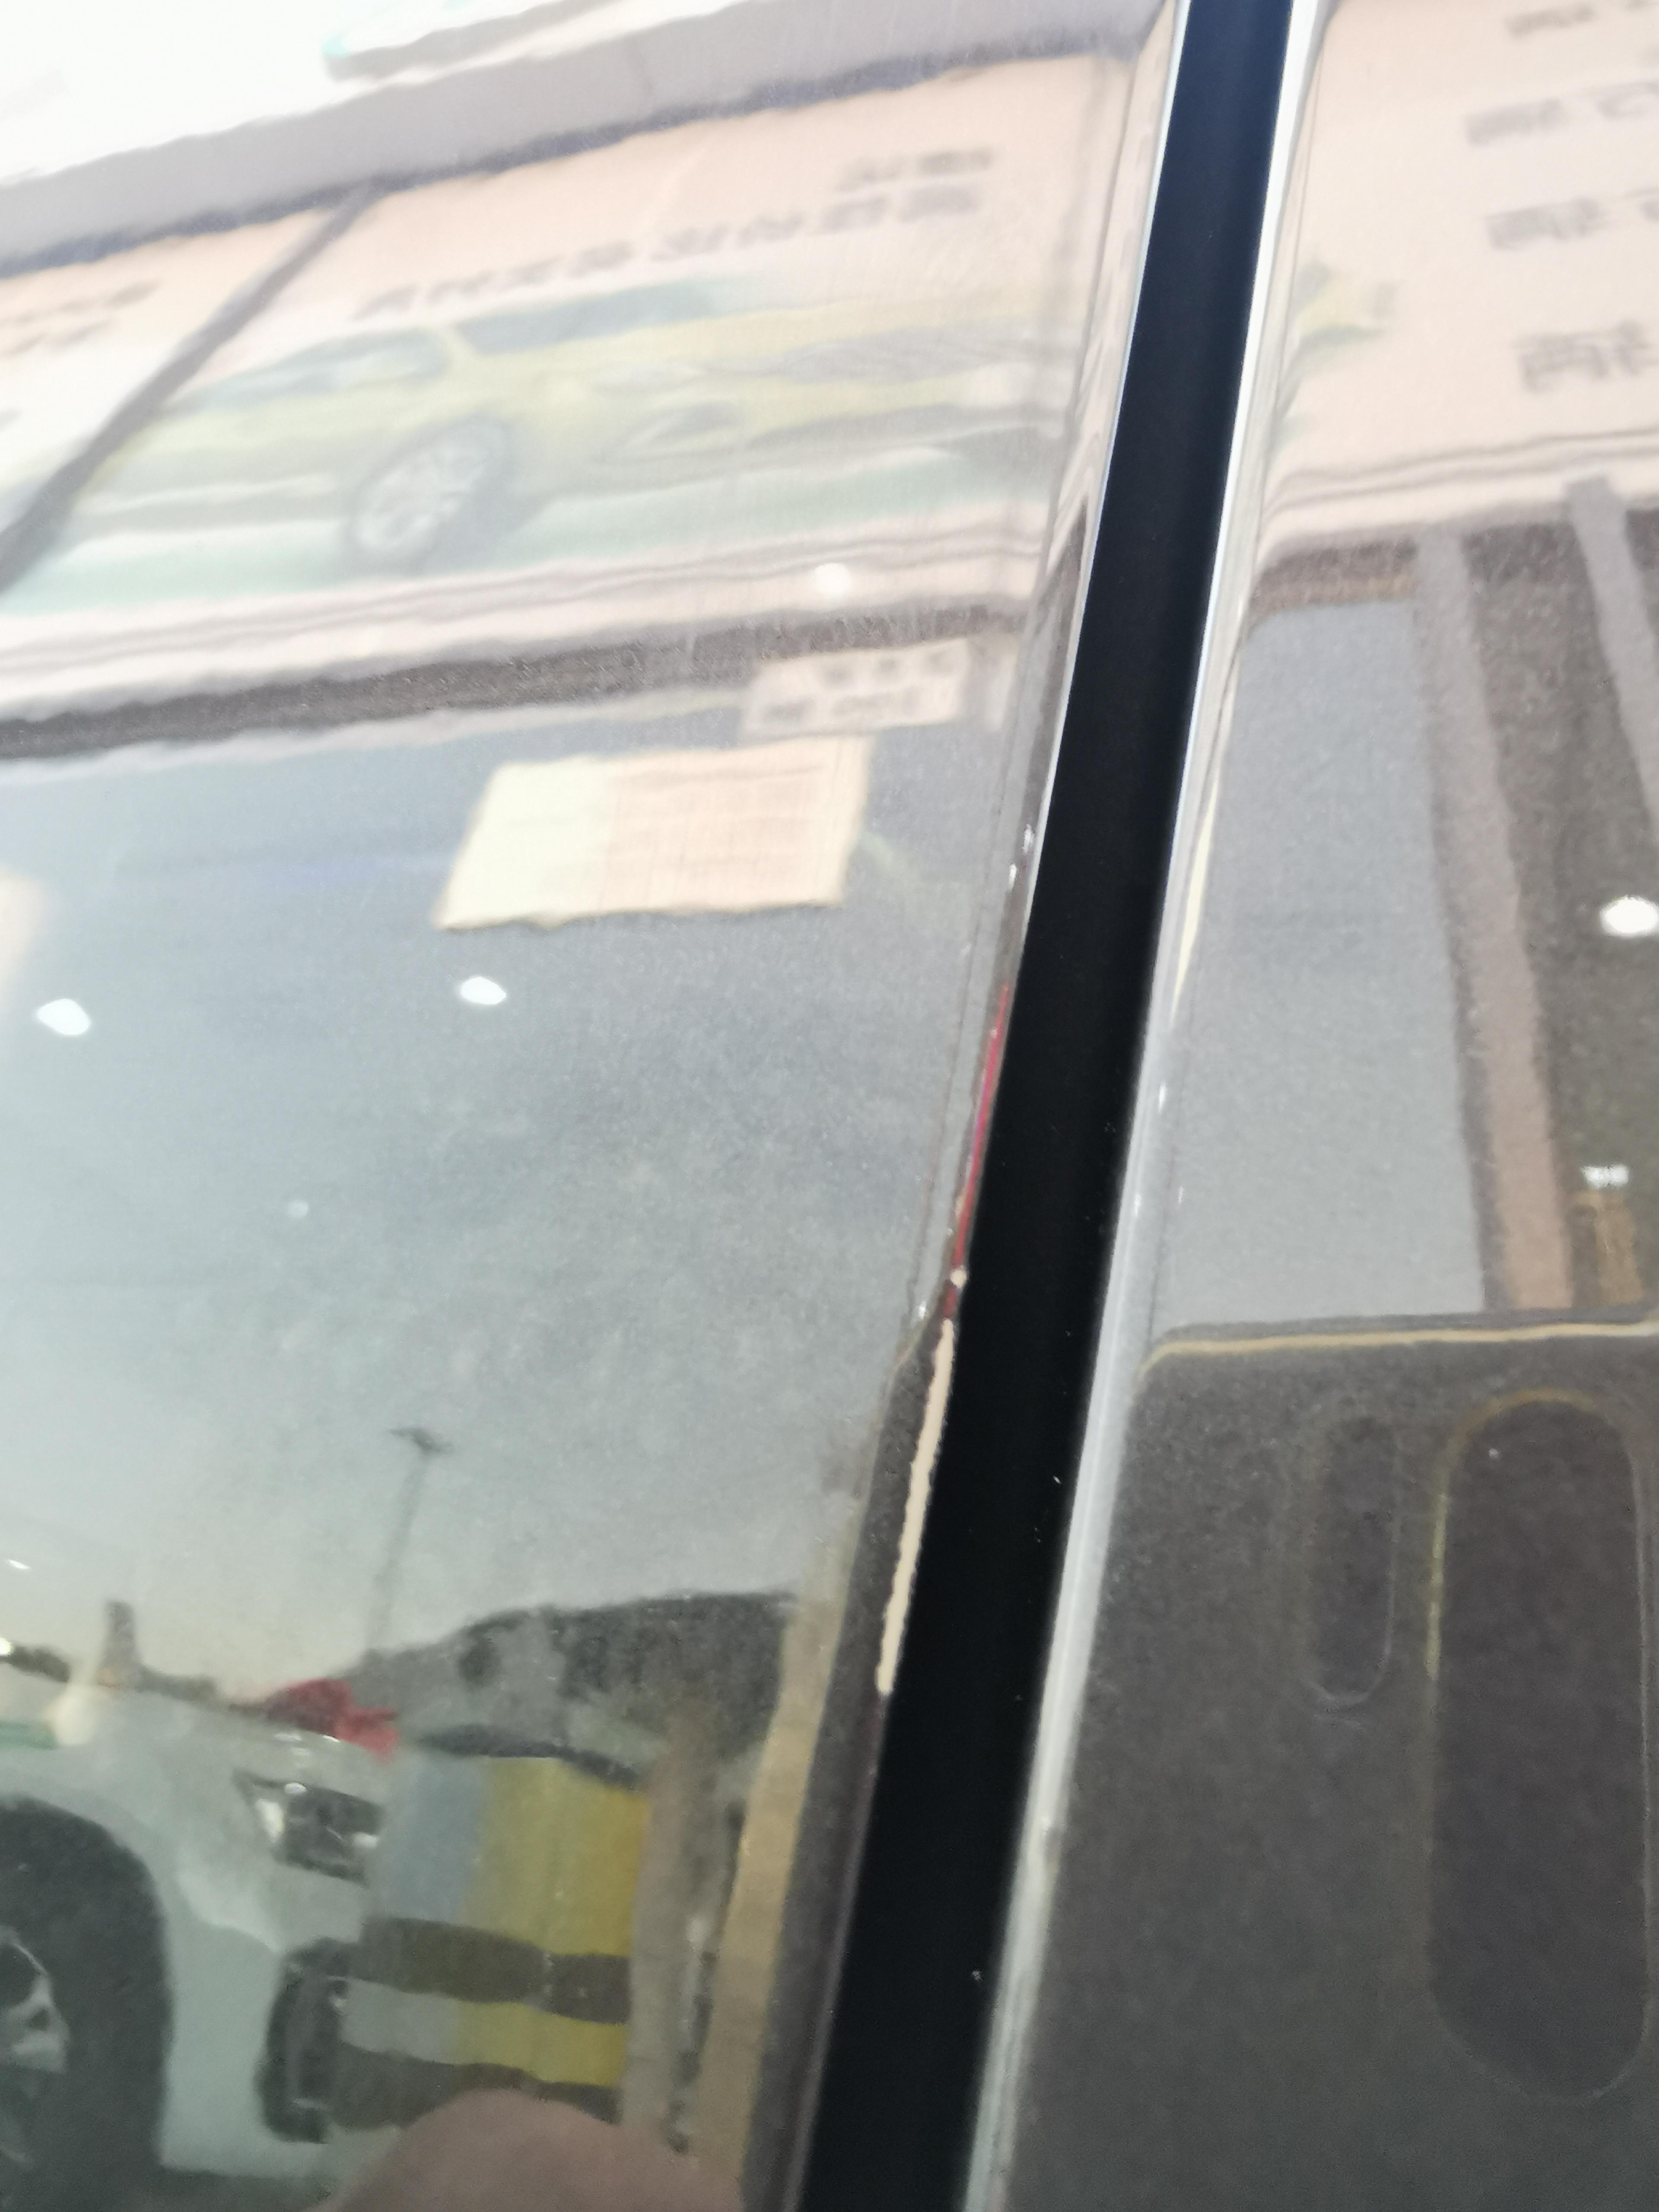 一汽大众探岳GTE新车车门存在有严重掉漆和划痕,怀疑是4S店以次充好来强卖掉漆车